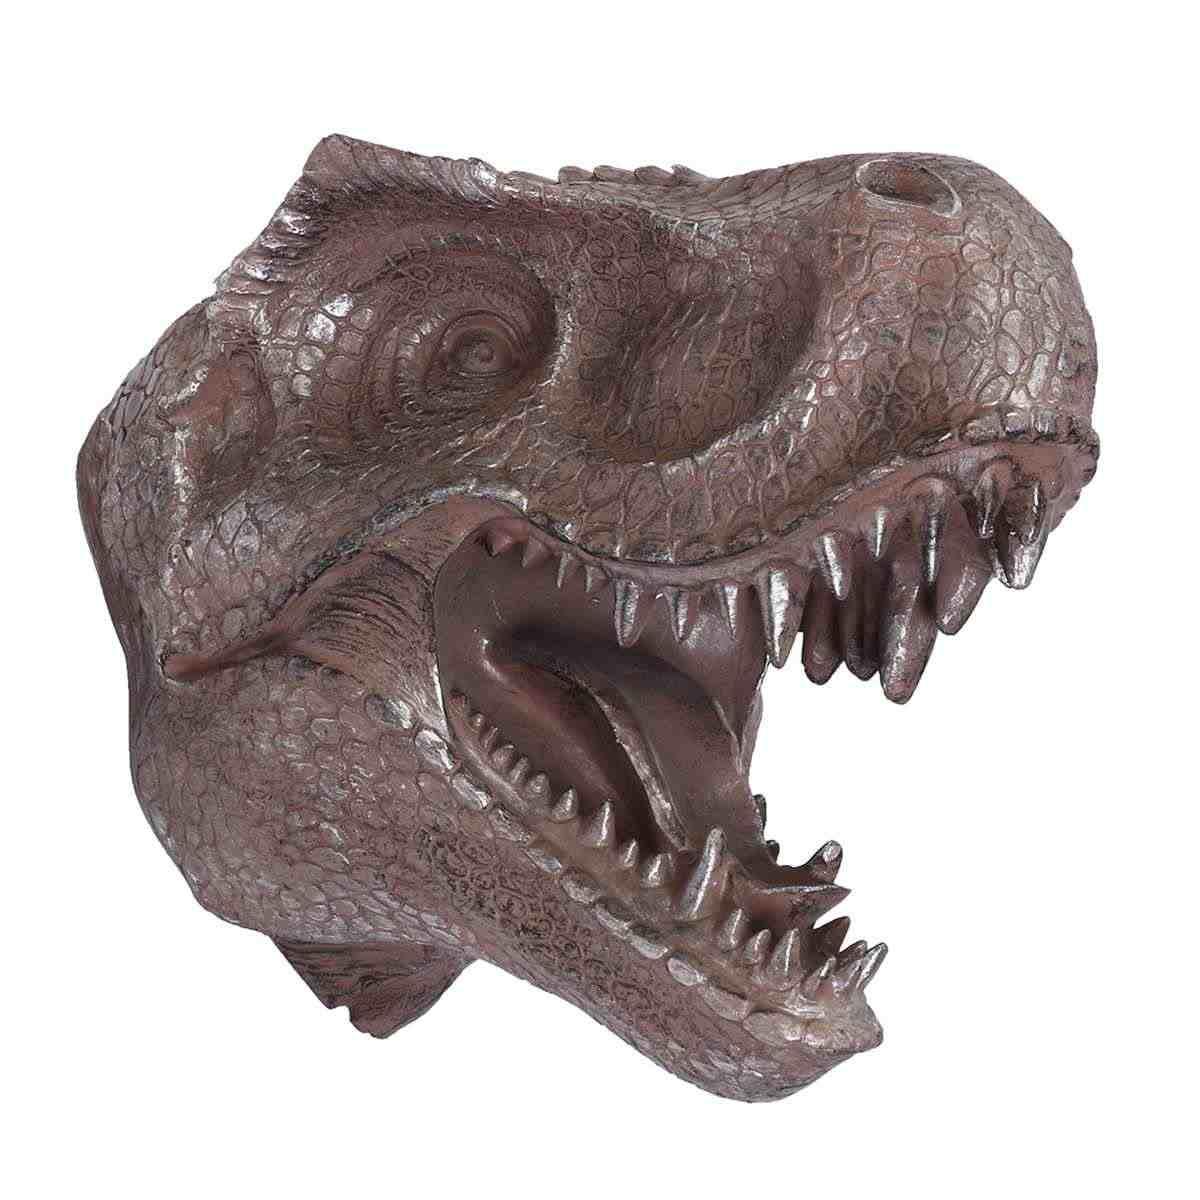 Динозавр голова настенная вешалка большой Юрский искусственный T Рекс Динозавр голова крюк на стену скульптура для домашнего декора